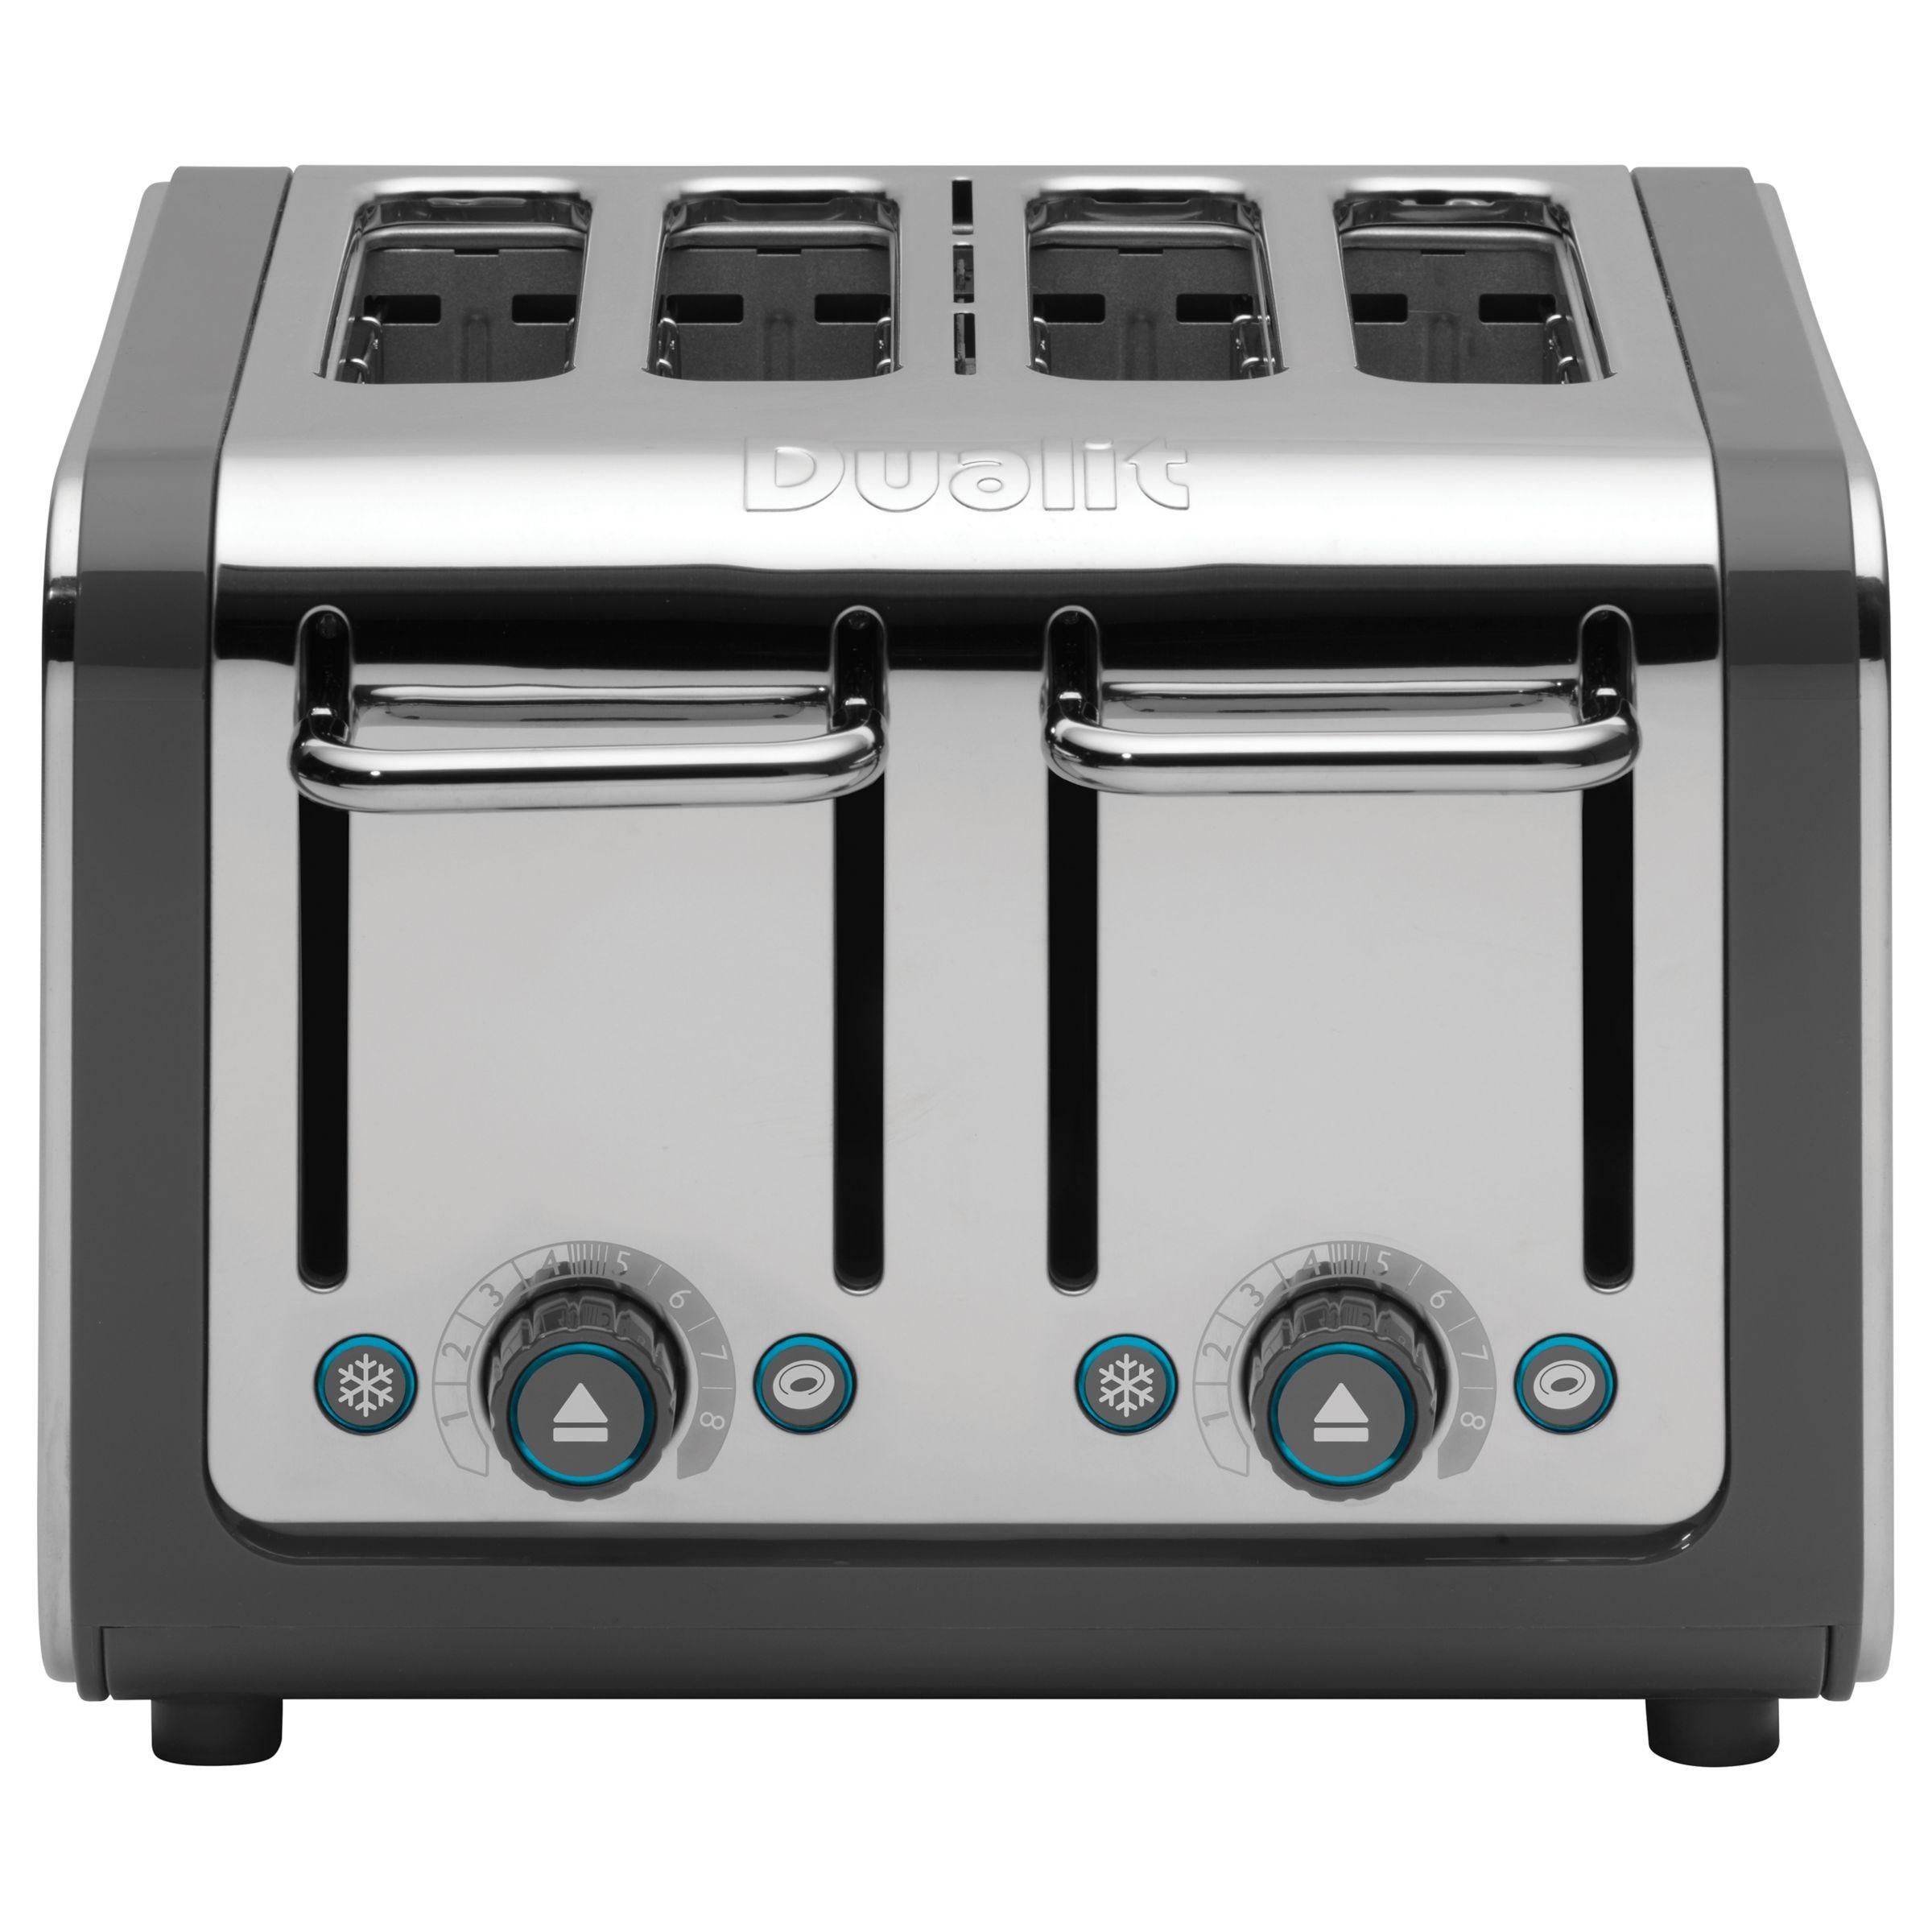 Dualit Dualit Architect 4-Slice Toaster